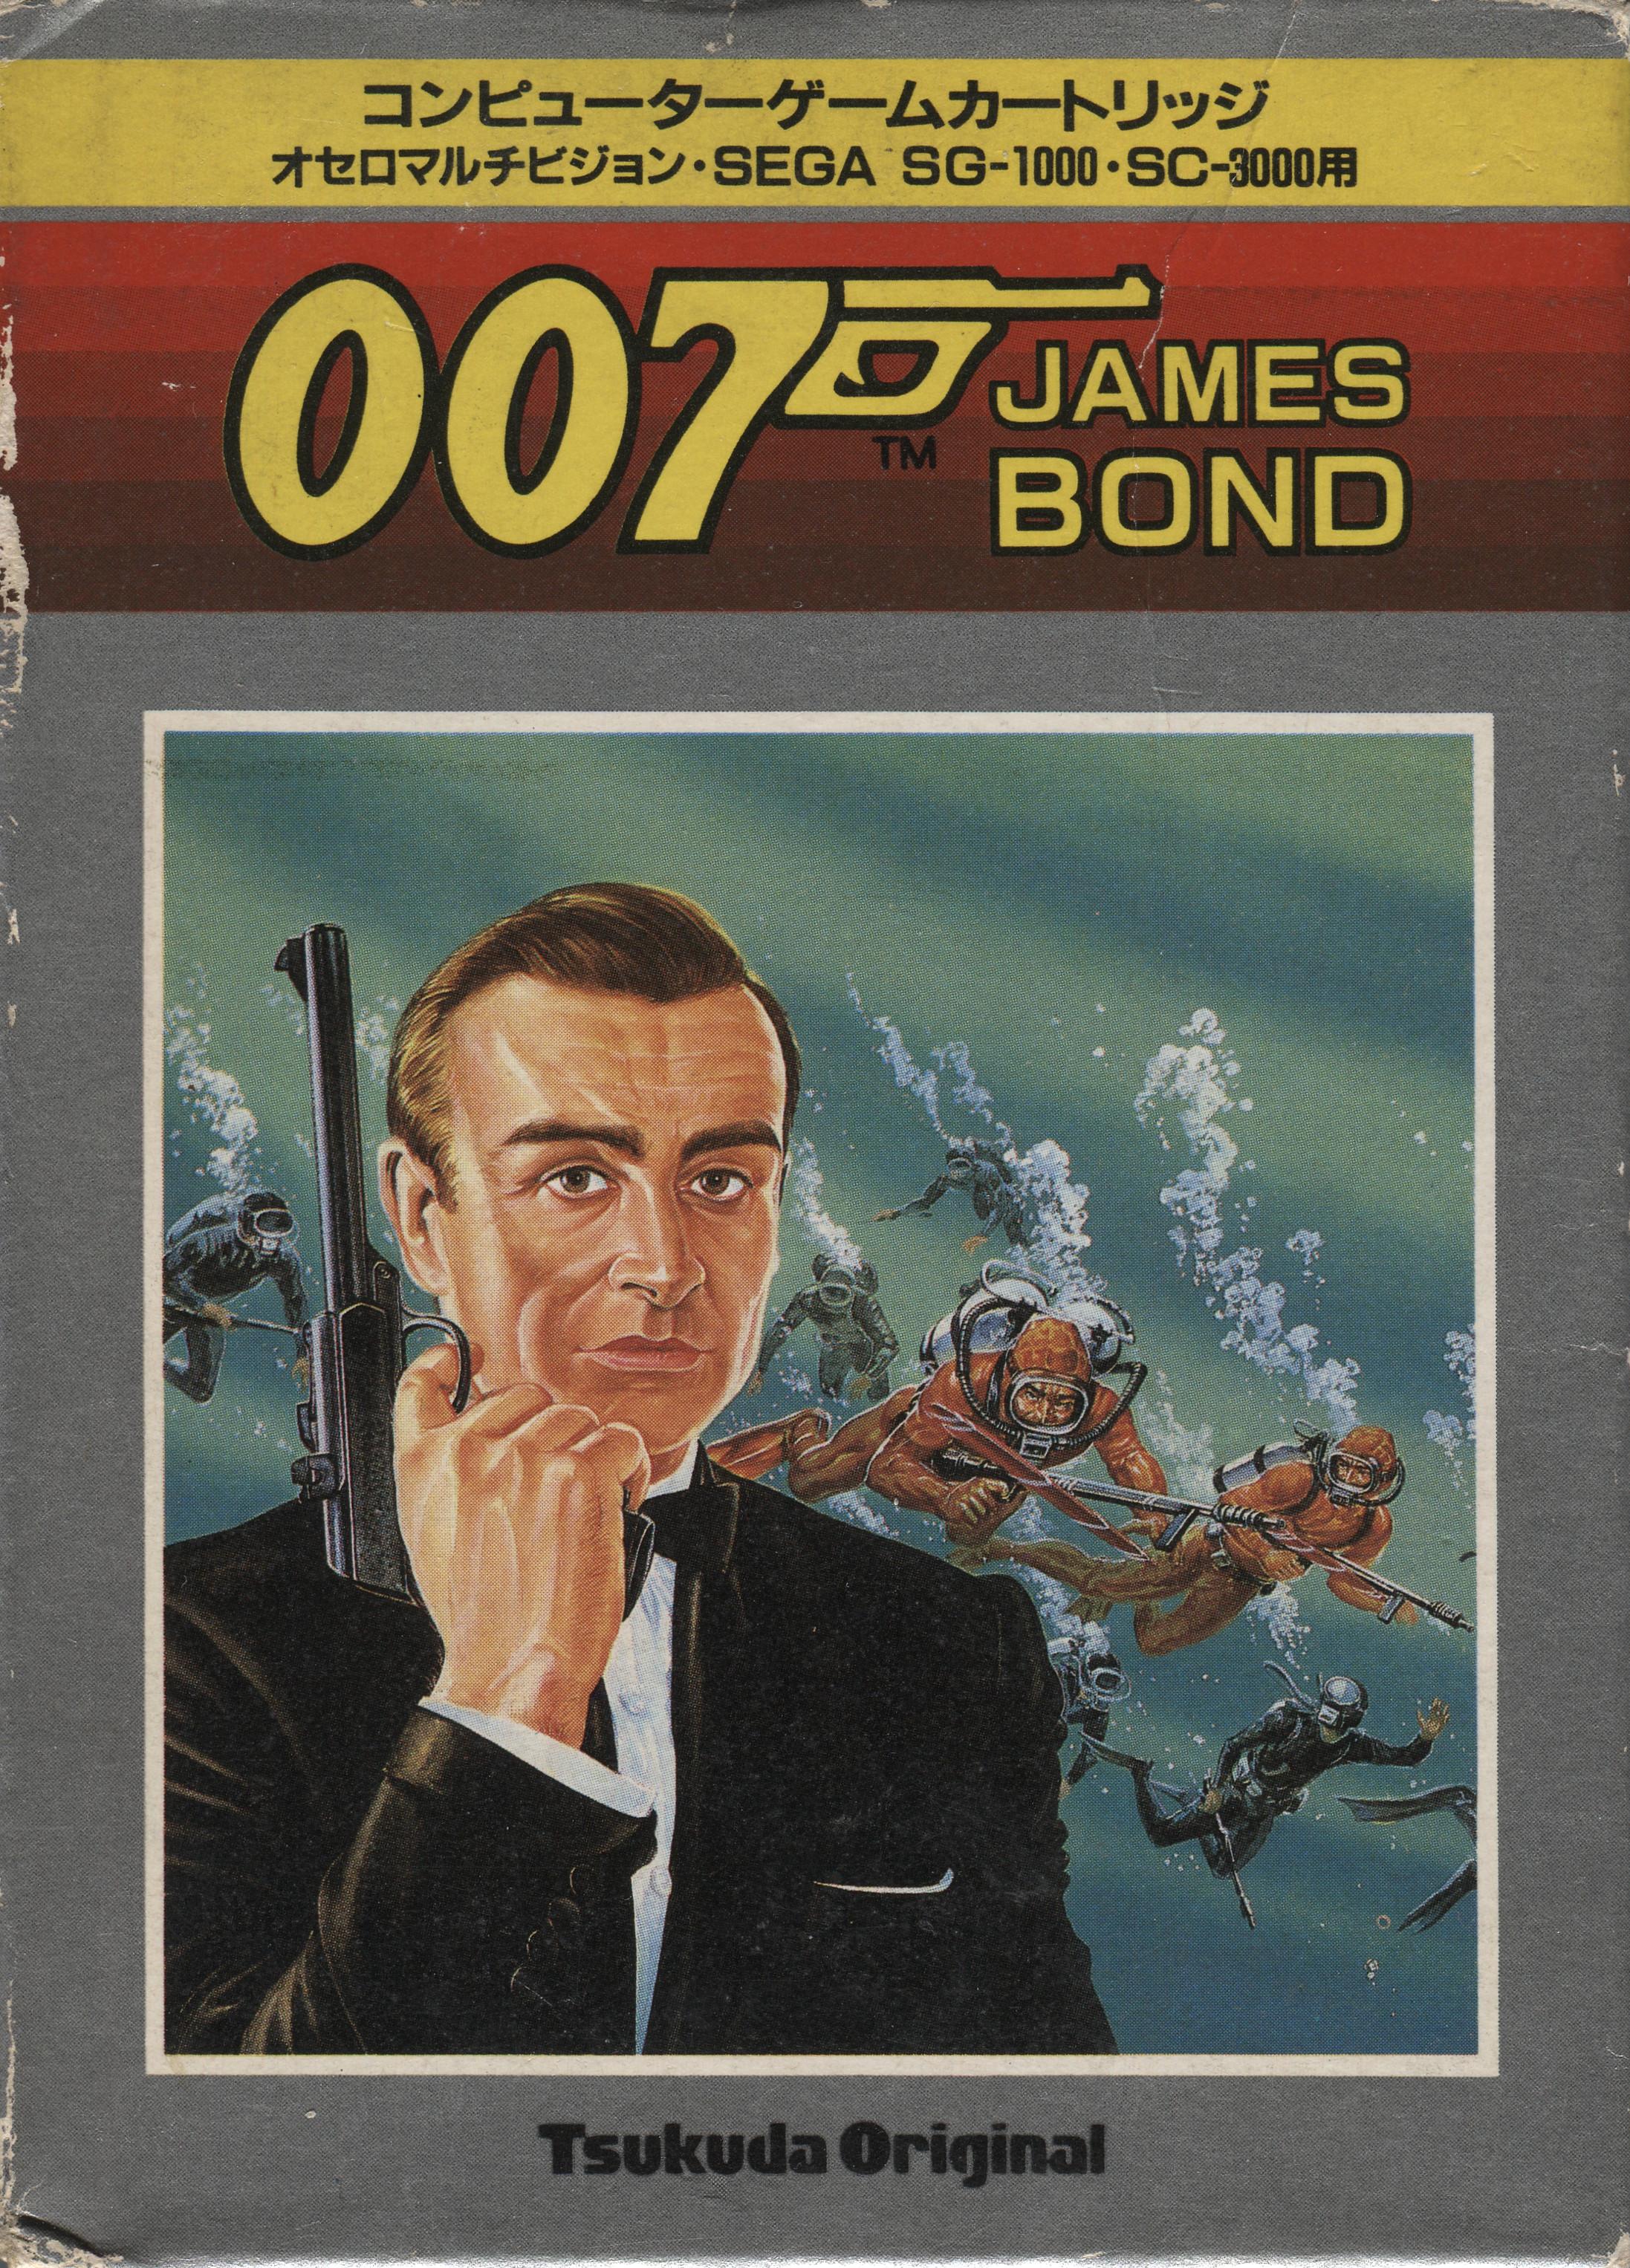 007JamesBond